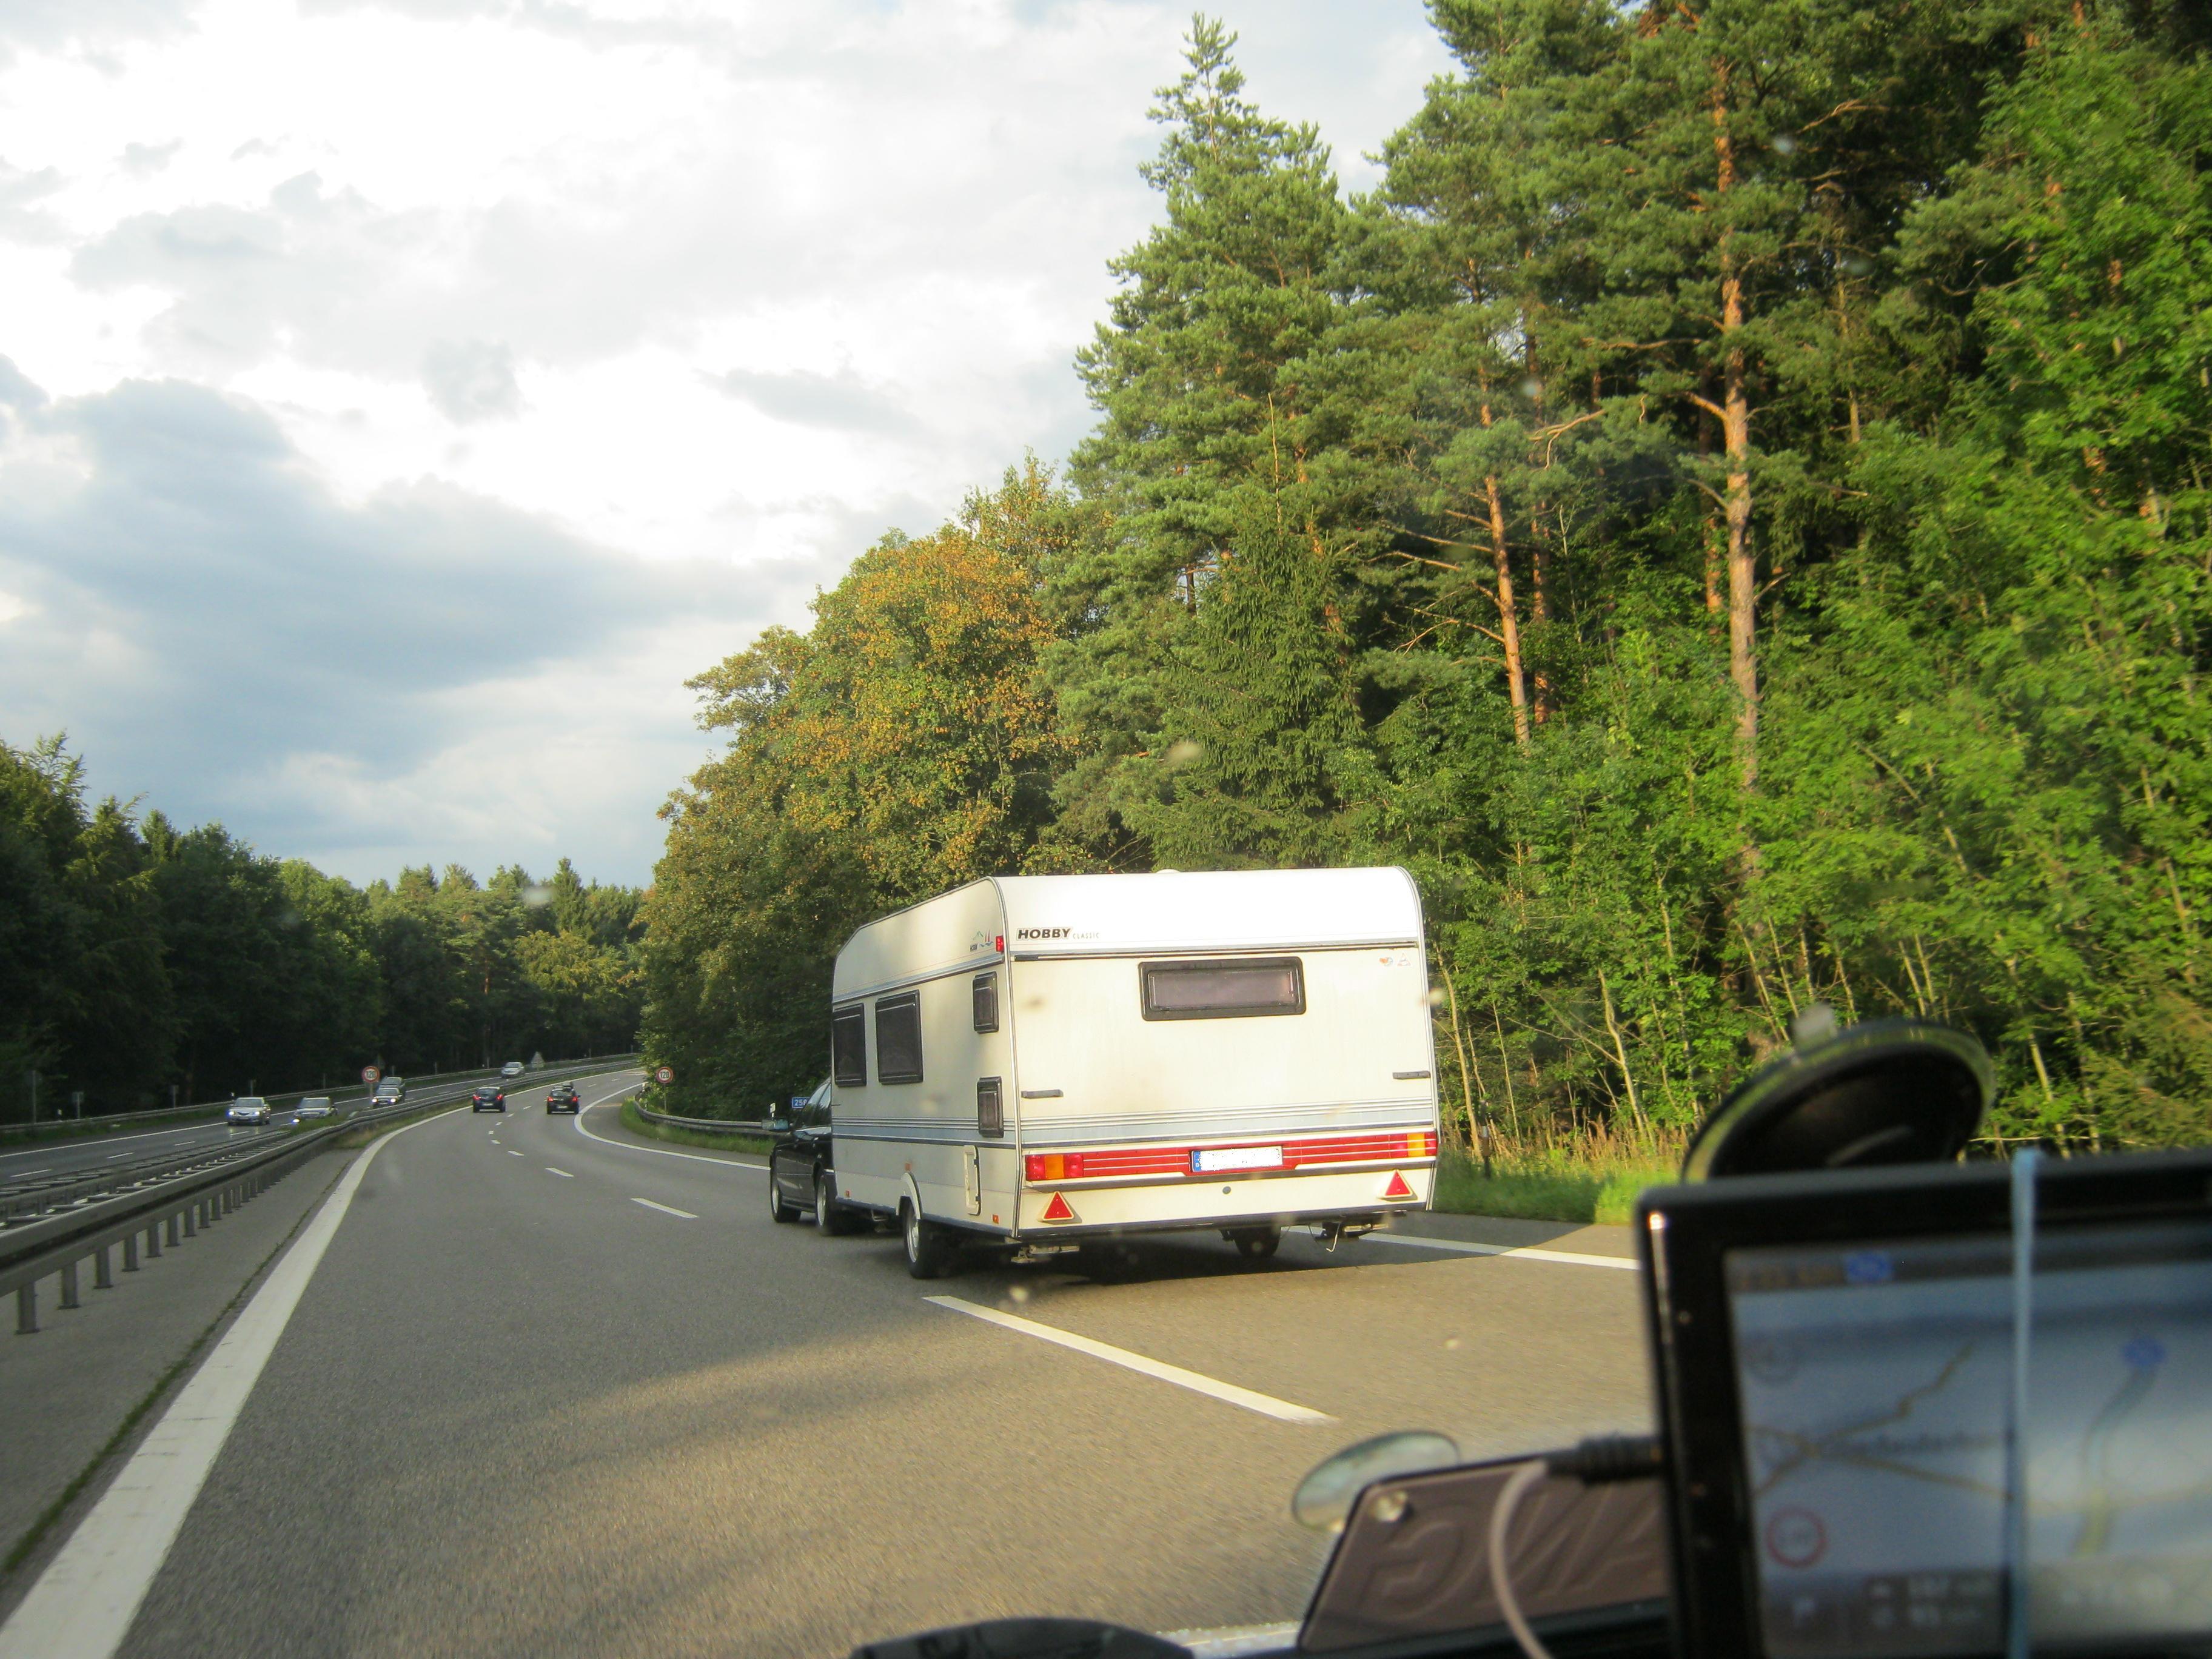 Caravan Test Lks Sxchneider Duster News Auf